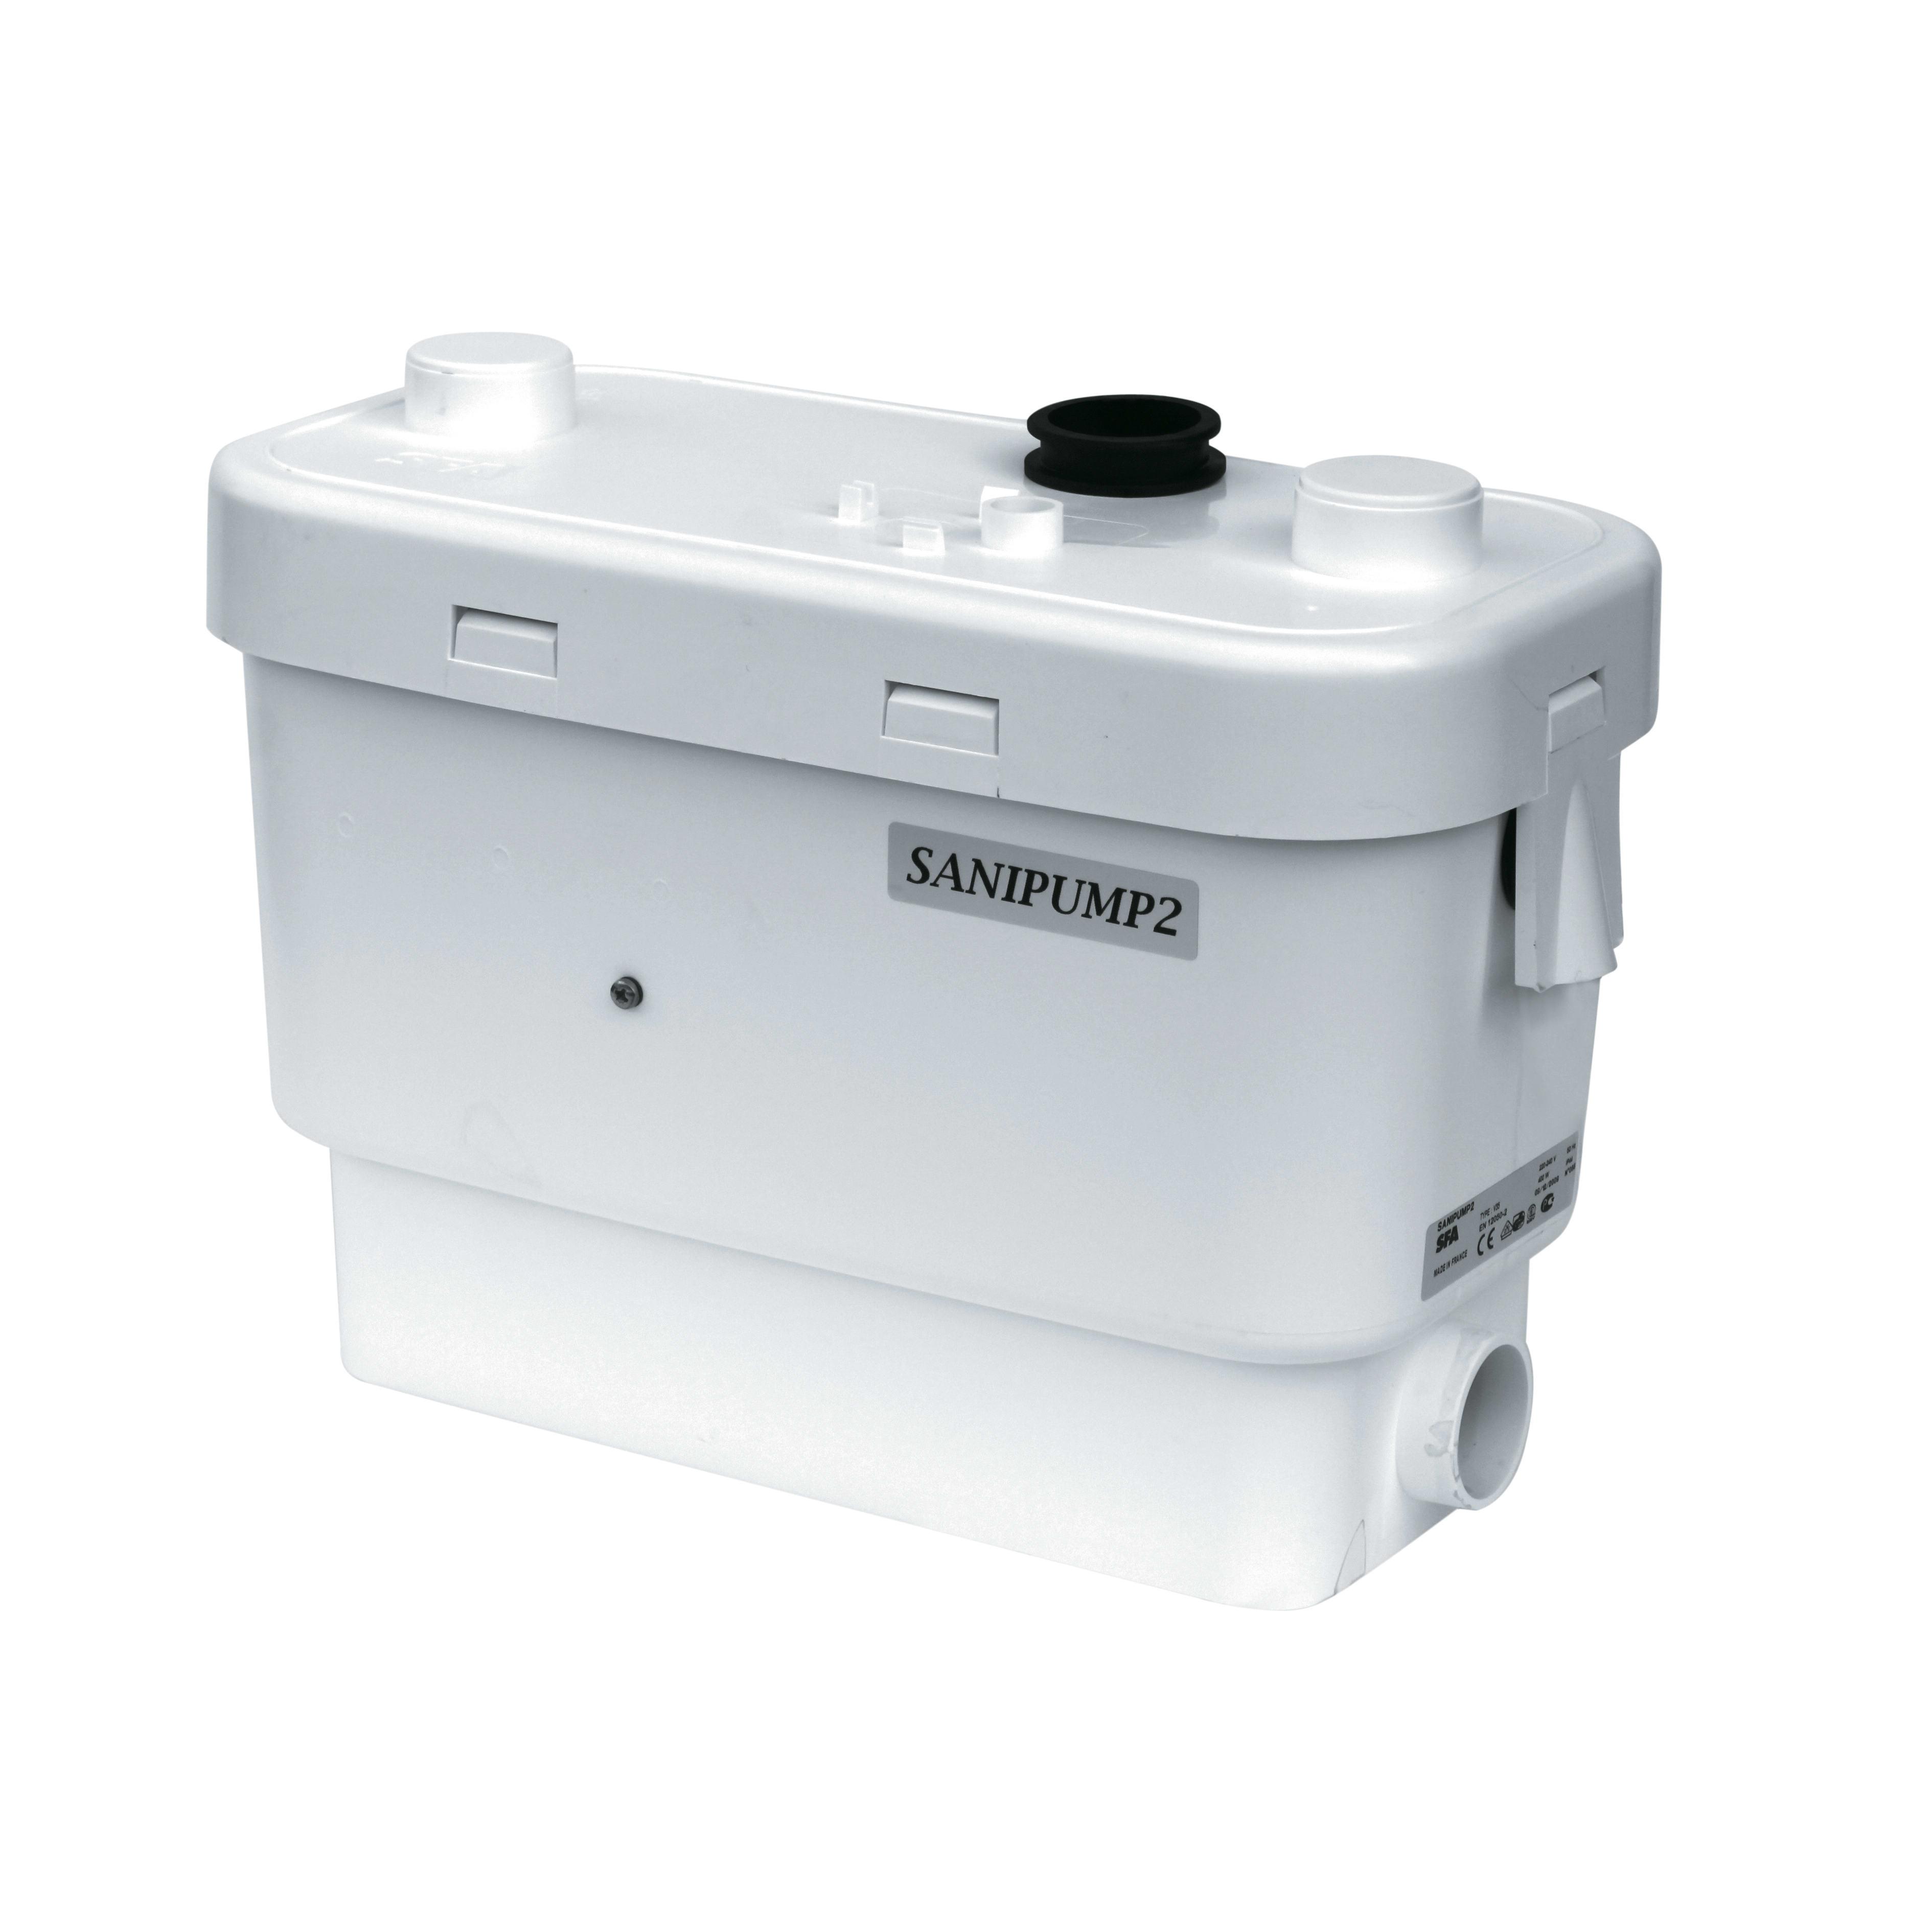 Pompa Per Scarico Lavello Cucina.Unita Di Smaltimento Sanipump 2 400 W